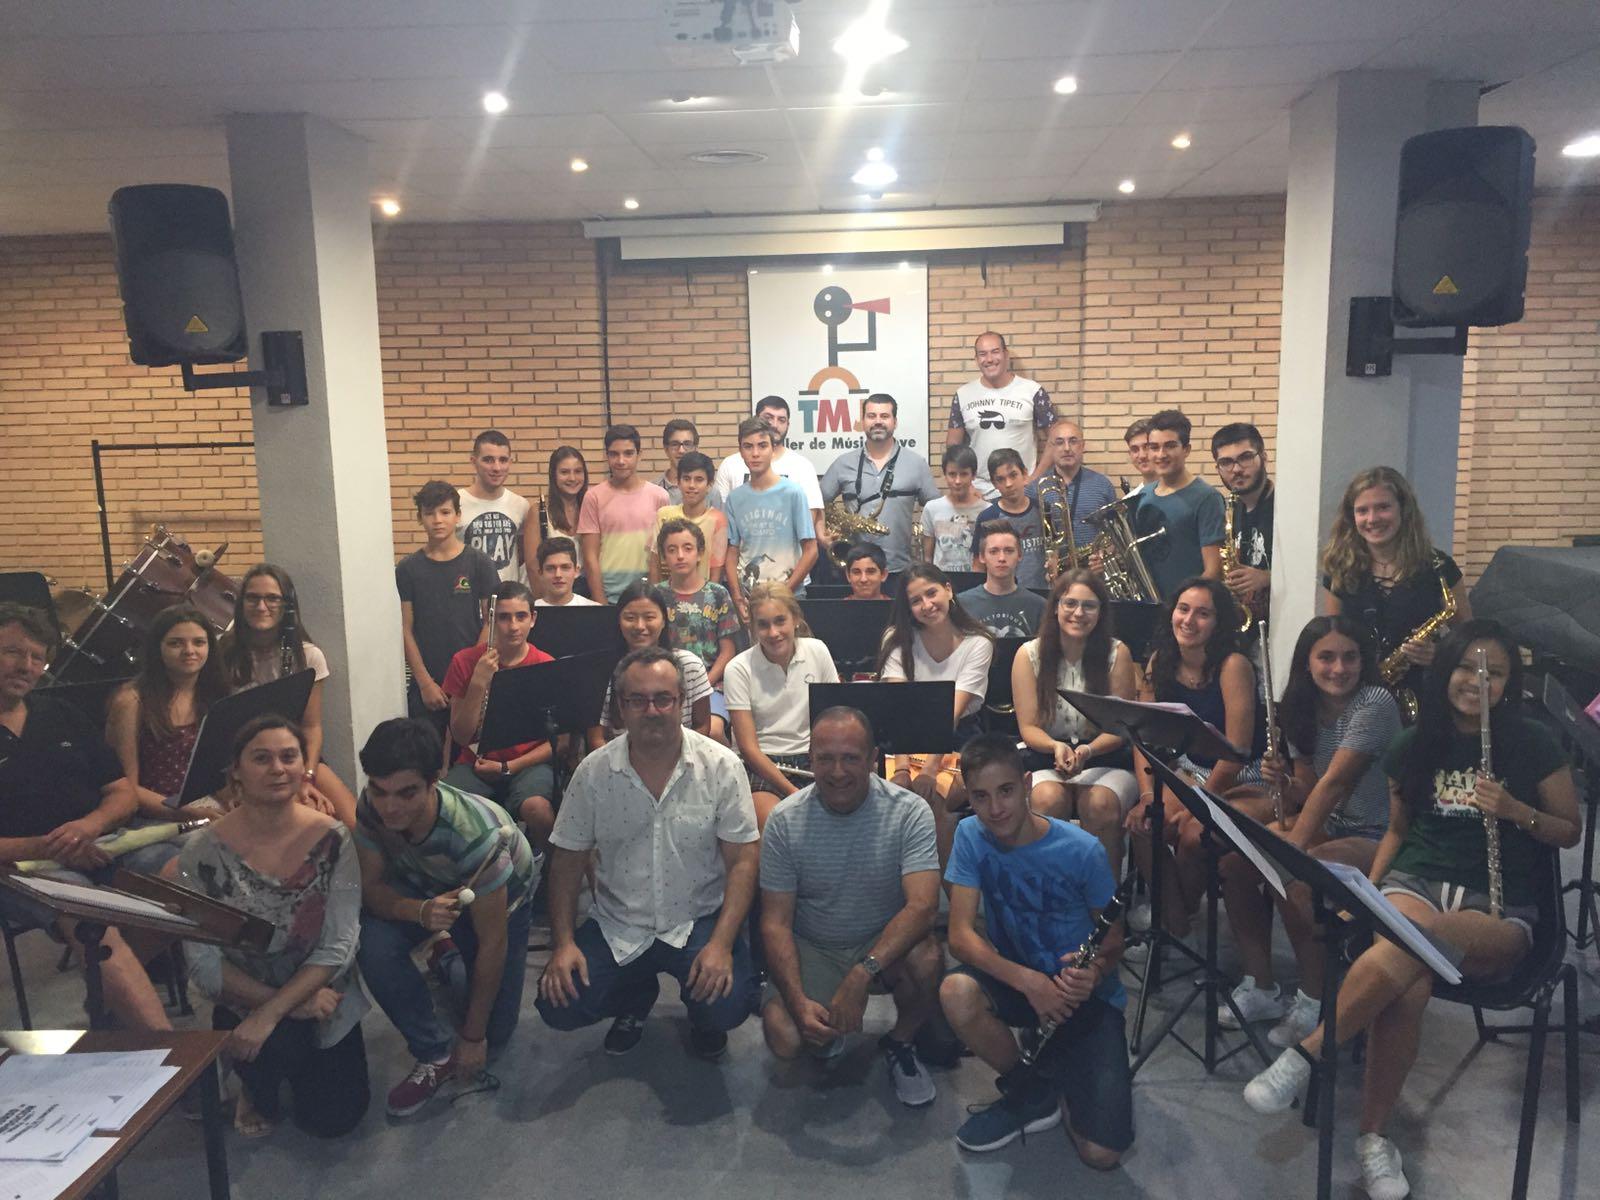 El próximo viernes a las 20 horas tendrá lugar el concierto de clausura en la sede de la Sociedad Musical Santa Cecilia de Requena.